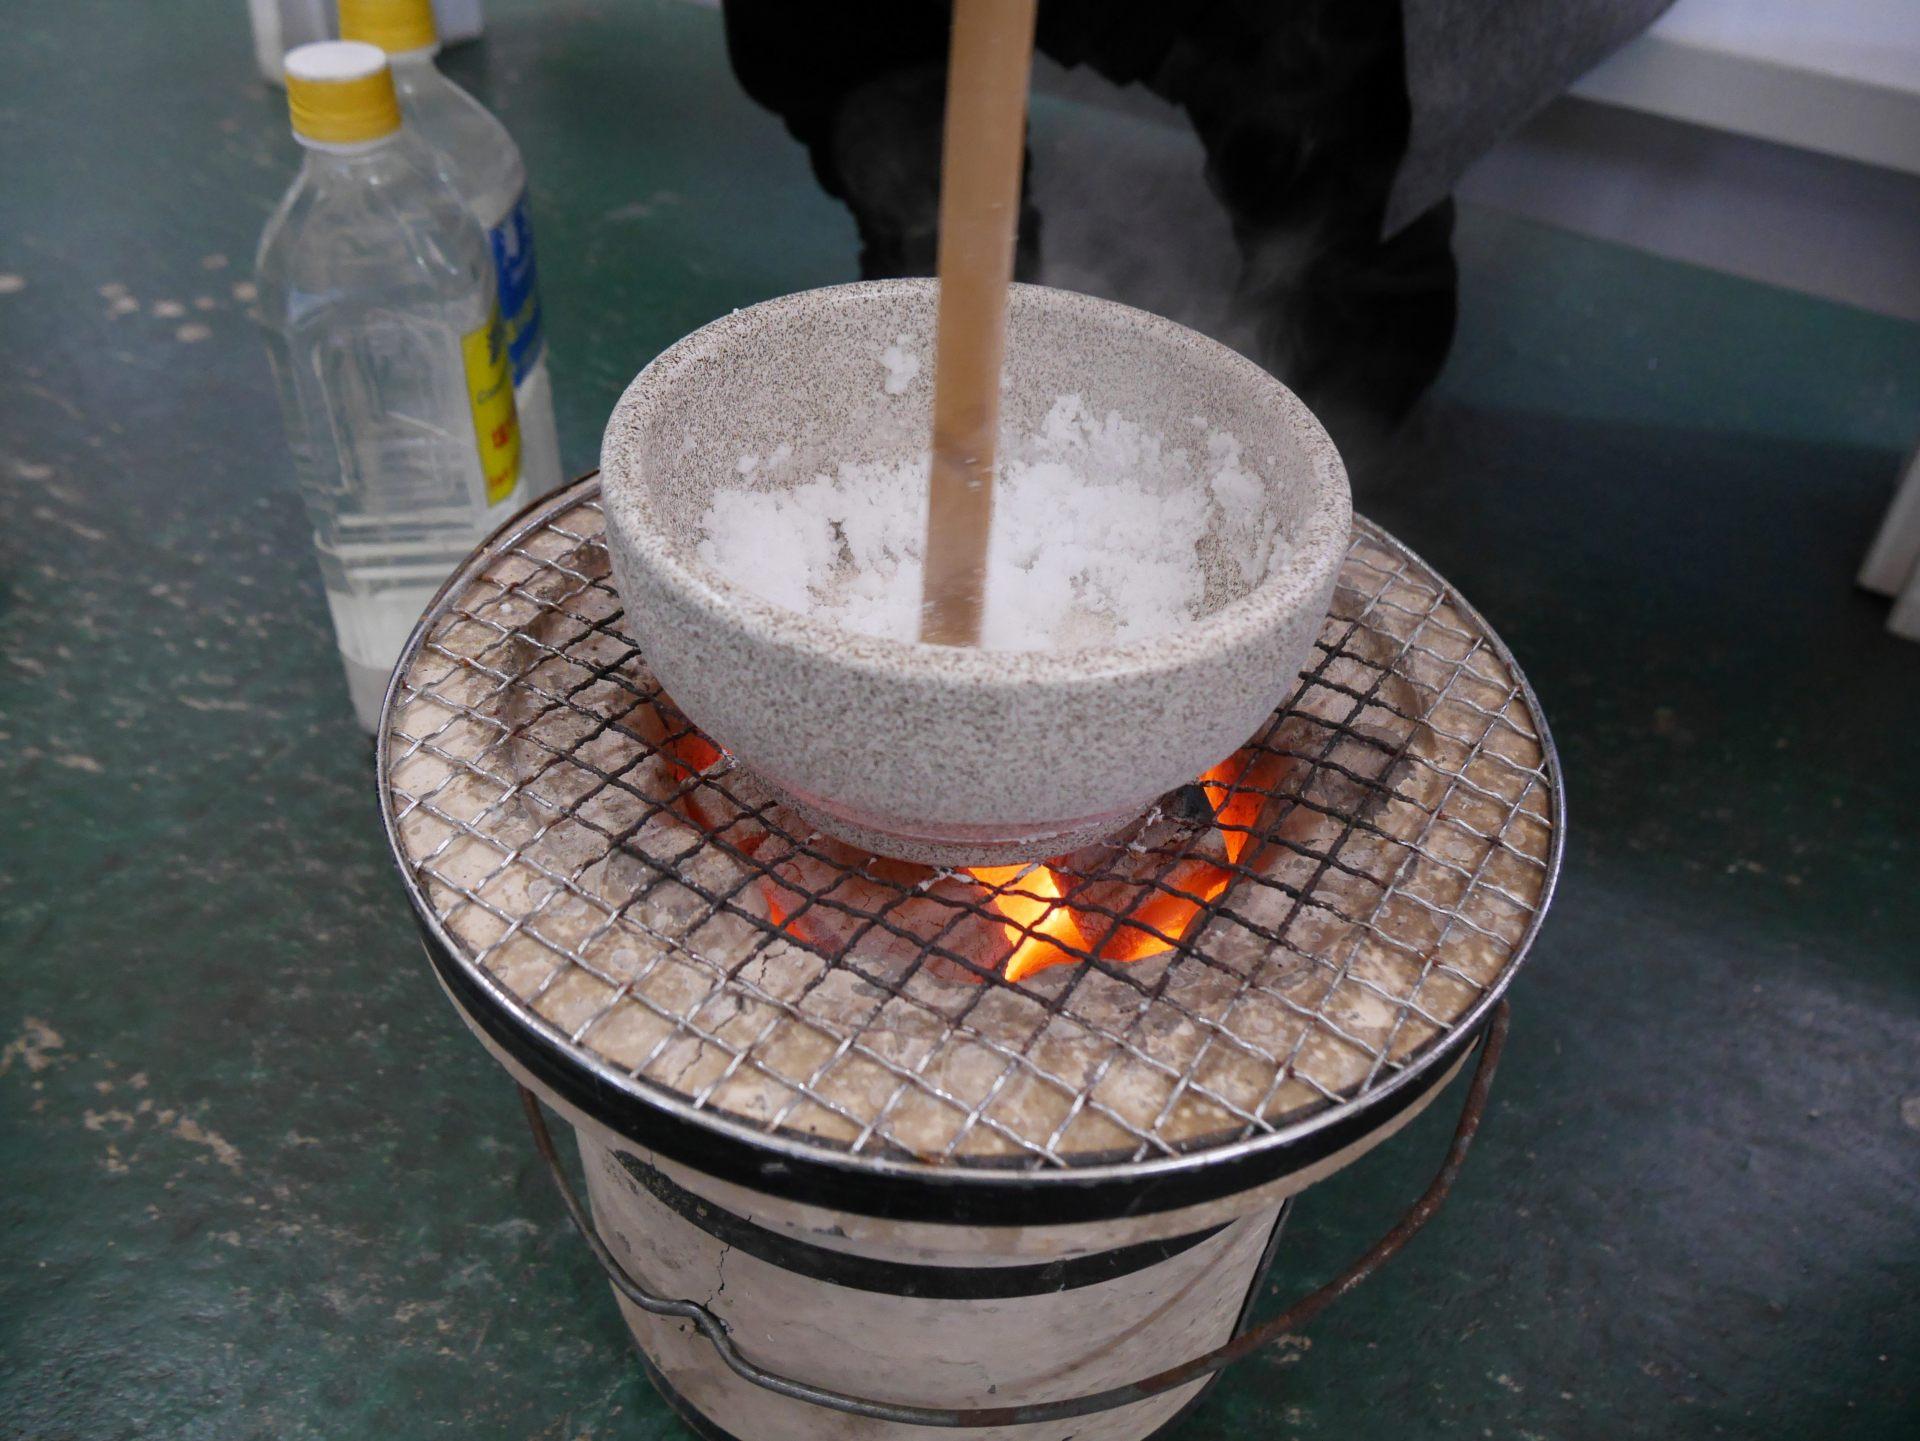 將海水加熱之後,小心不要讓它燒焦,一邊攪拌讓水分蒸